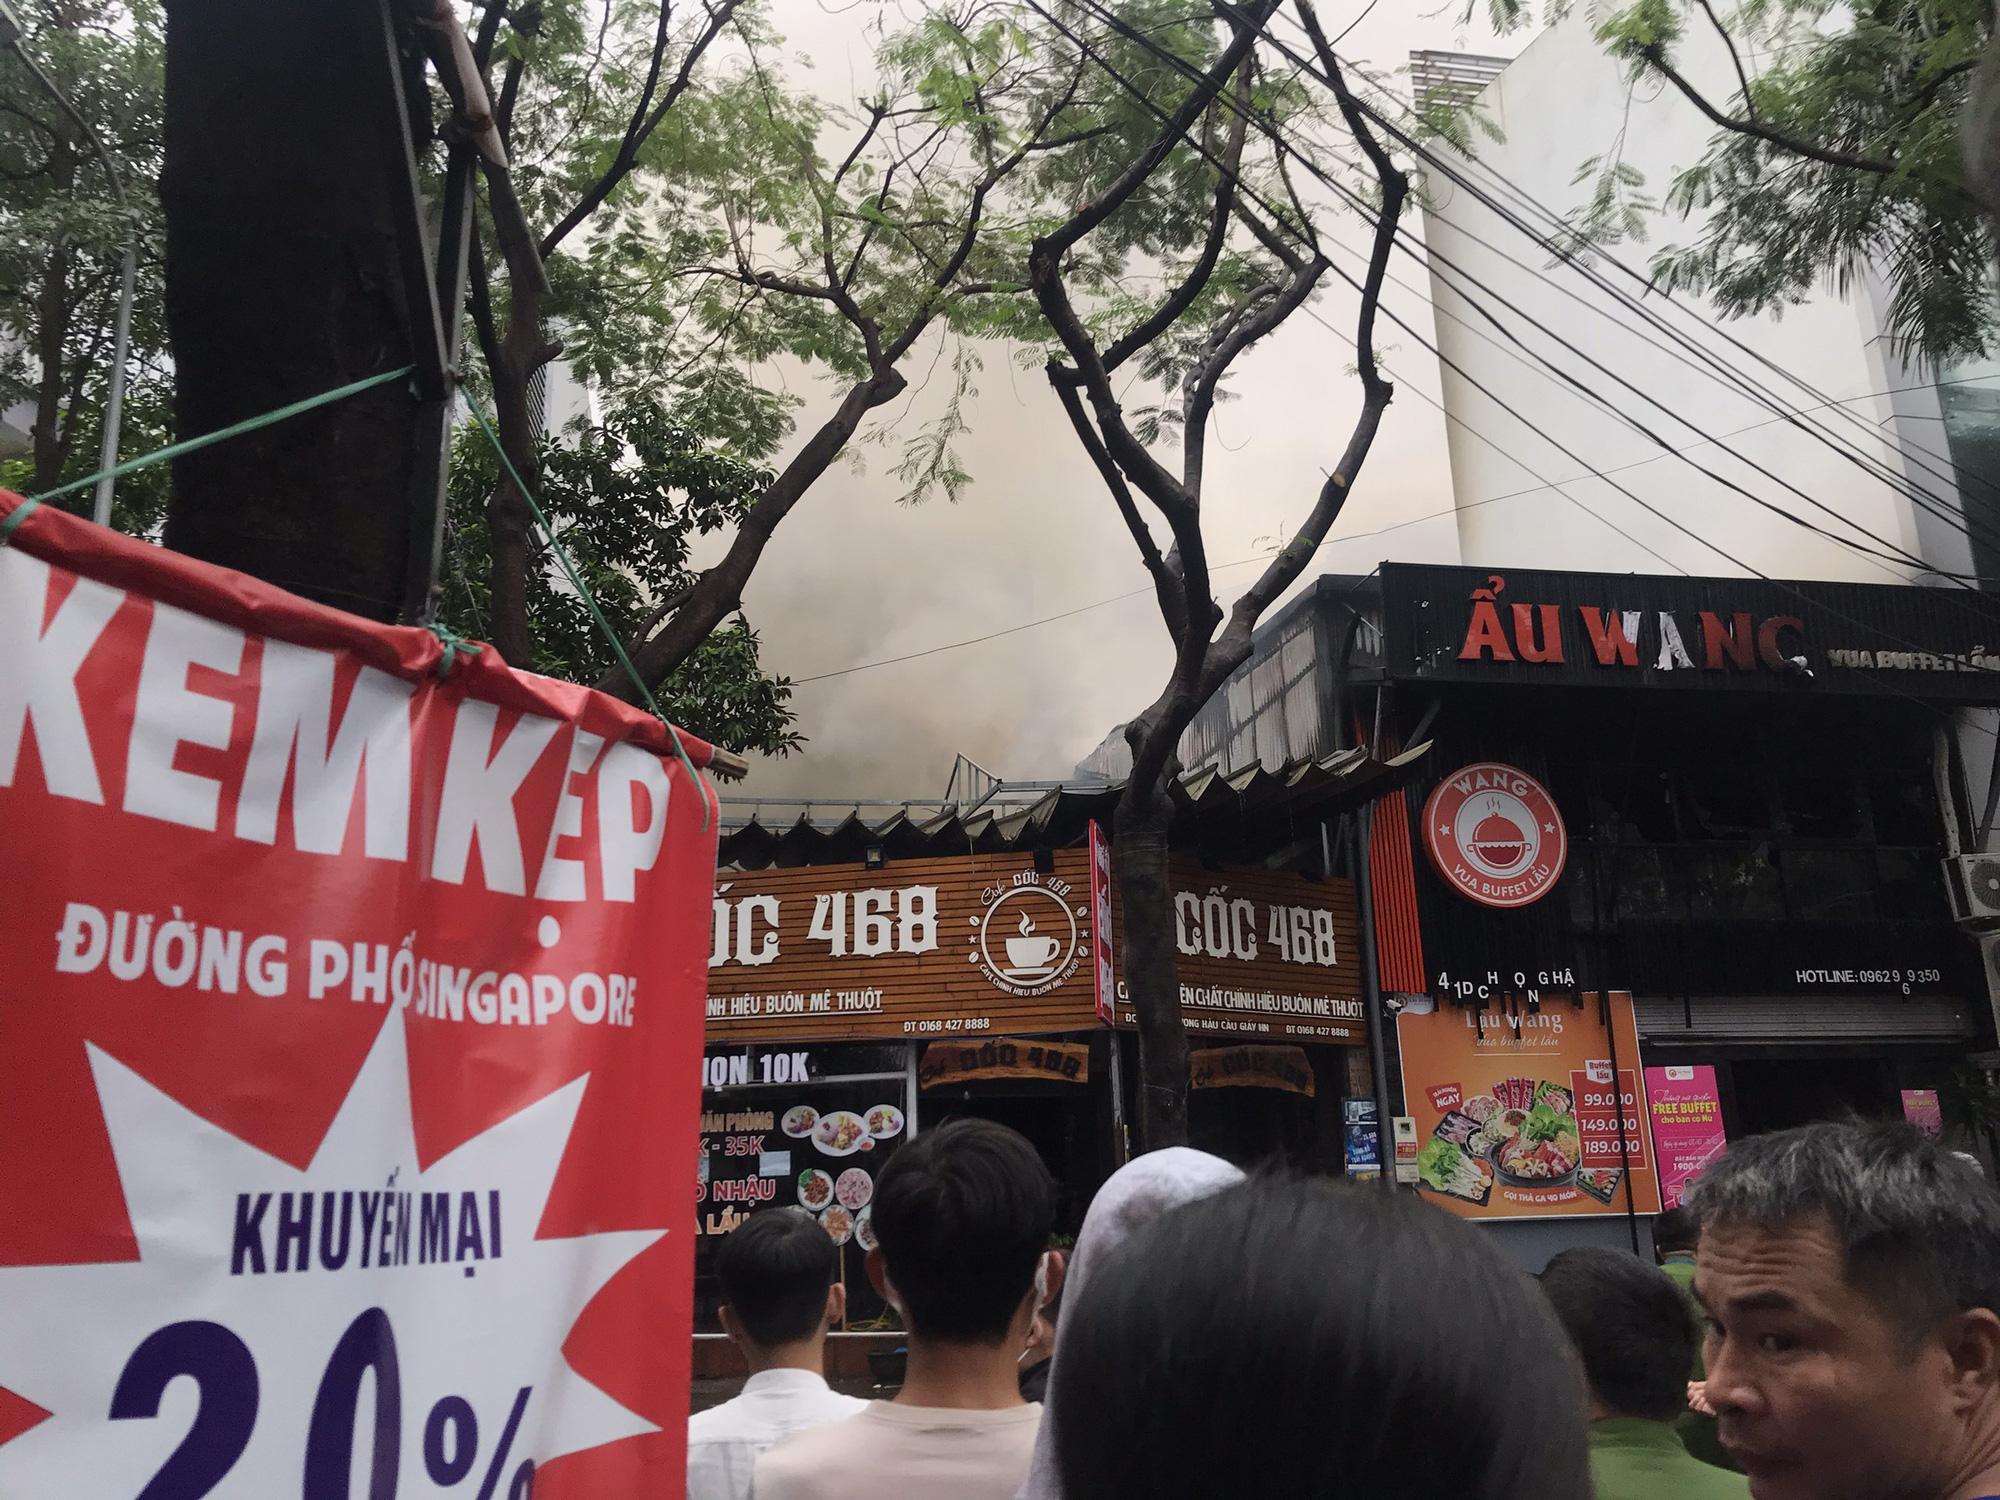 Clip: Cháy lớn tại nhà hàng lẩu nướng tại quận Cầu Giấy - Ảnh 3.